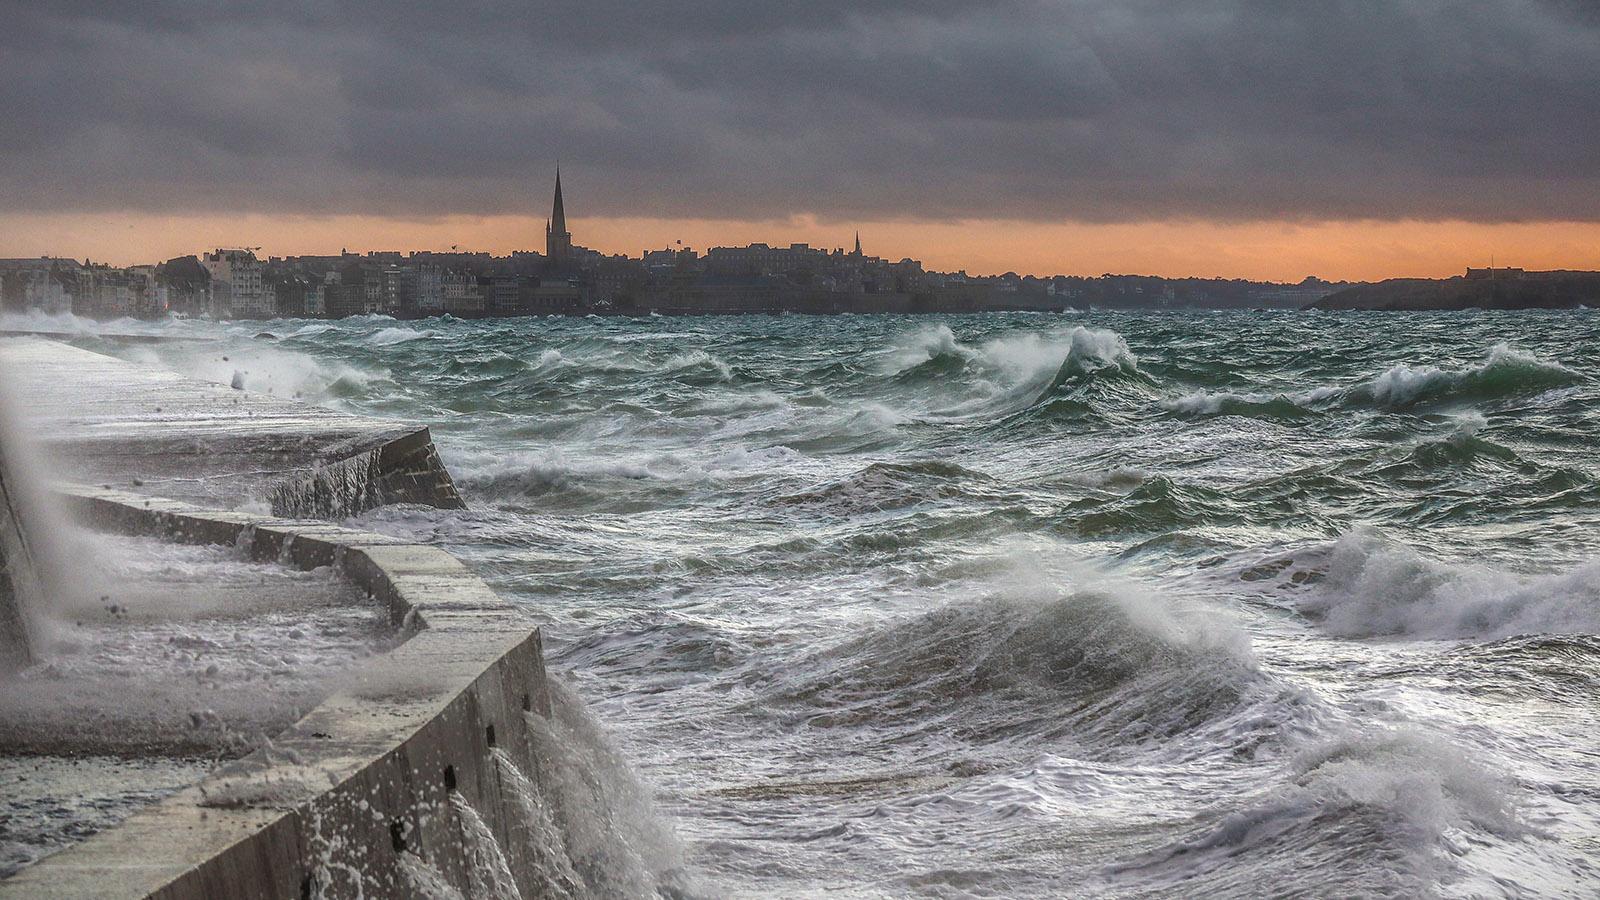 Saint-Malo_: La Grande Marée, die große Flut. Foto: Hilke Maunder